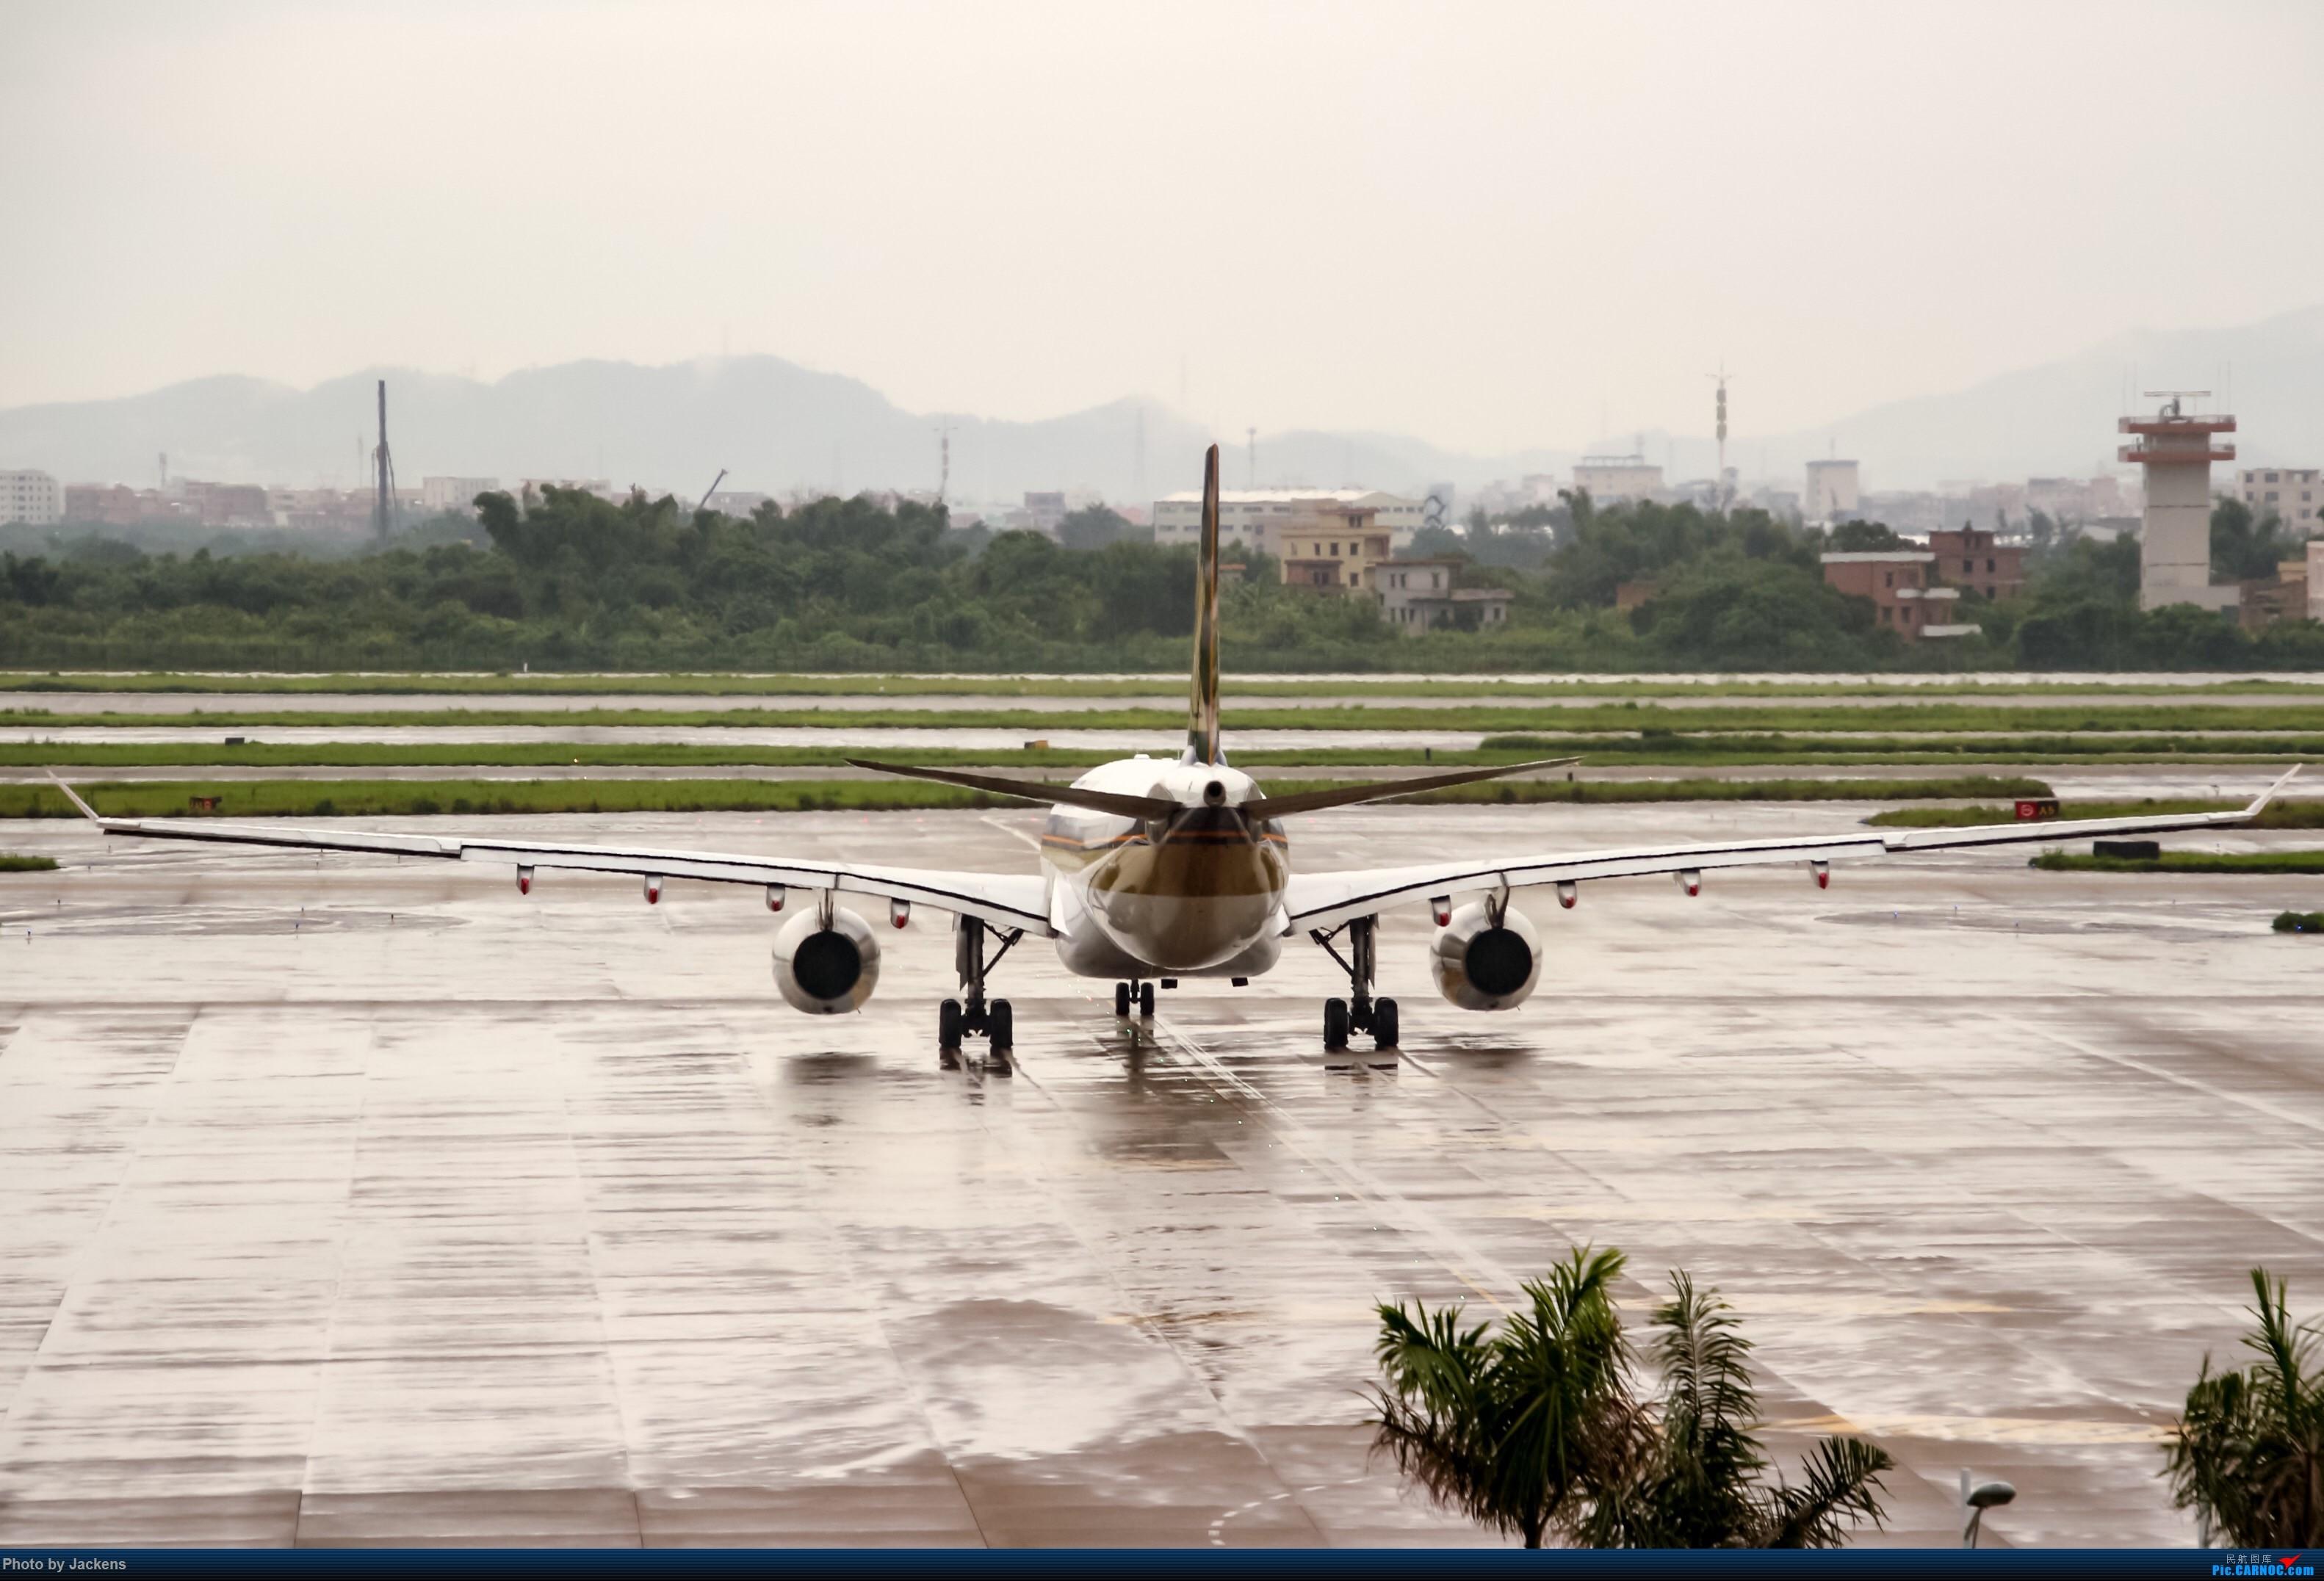 Re:[原创]【CAN】东跑常规货及加卤蛋复古. AIRBUS A330-300 9V-SSA 中国广州白云国际机场